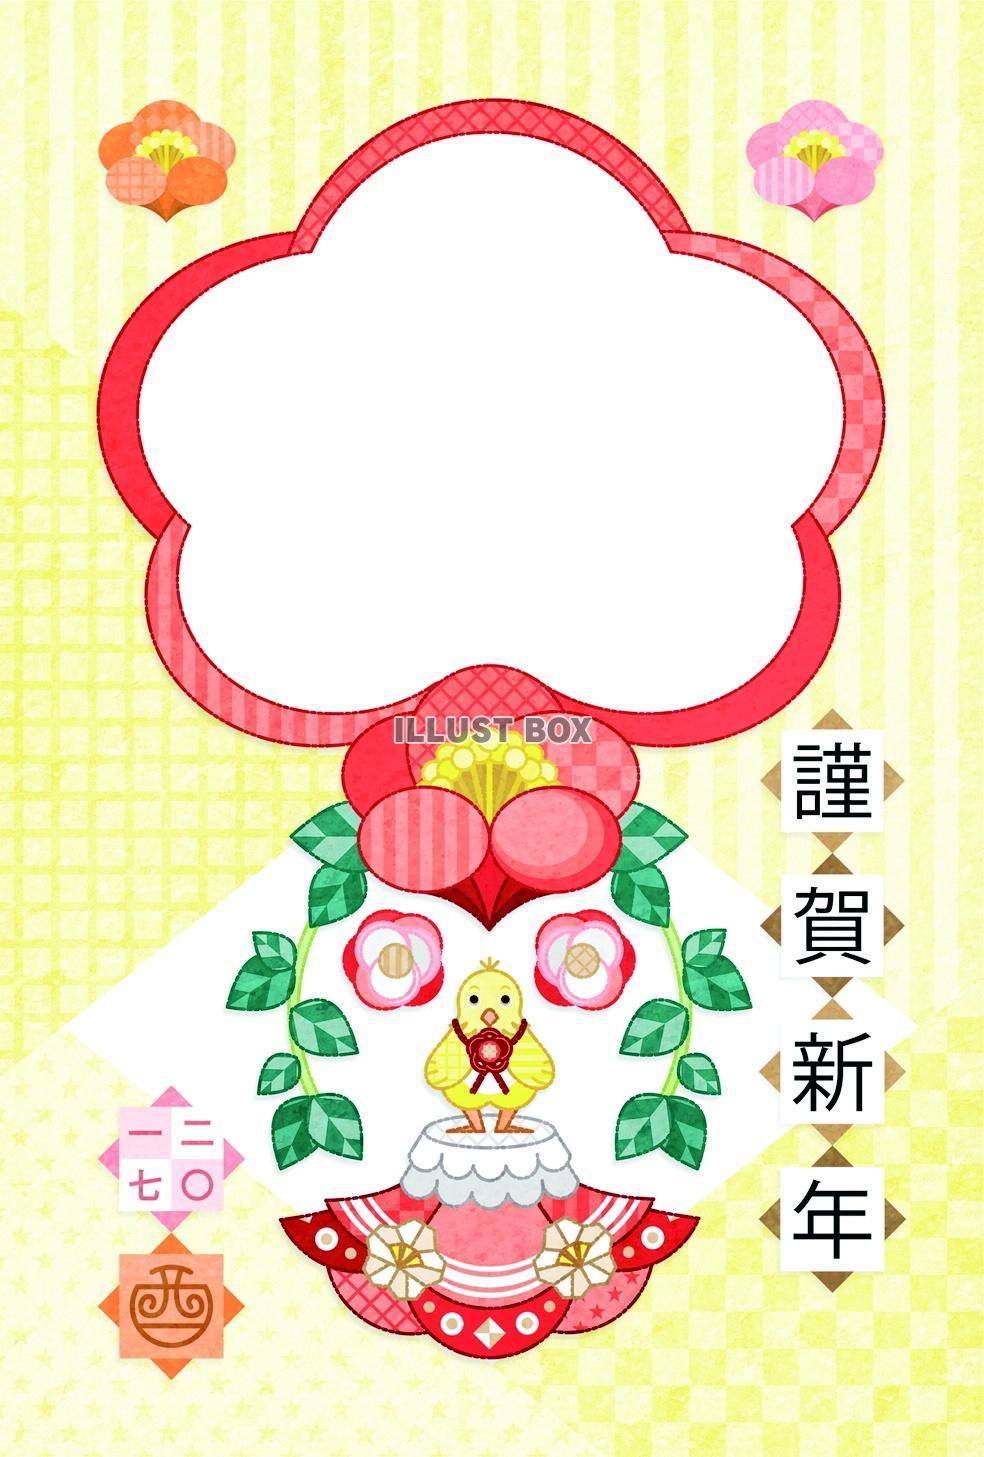 無料イラスト 2017年酉年完成年賀状無料テンプレート(ヒヨコ「だーれ